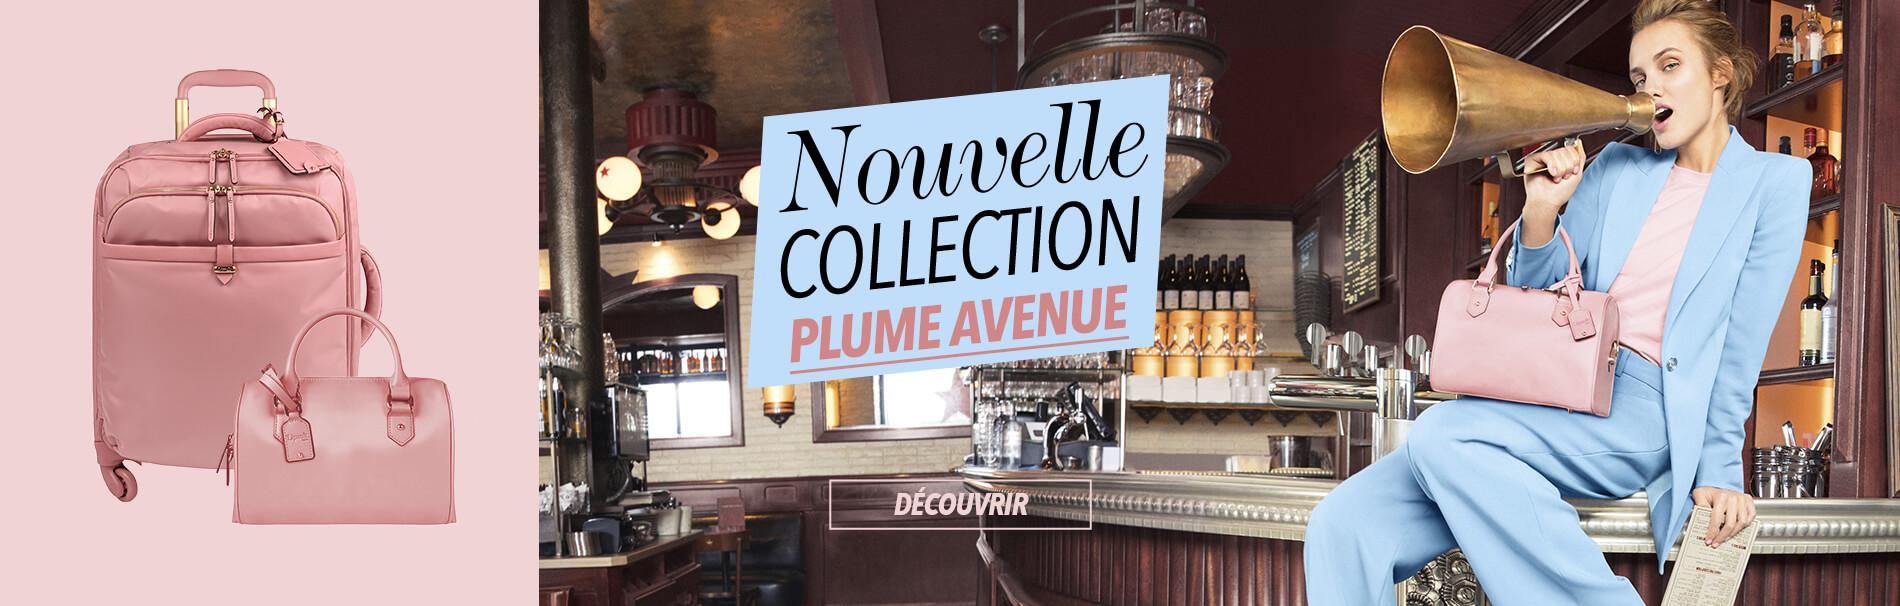 Lipault - Plume Avenue 2018